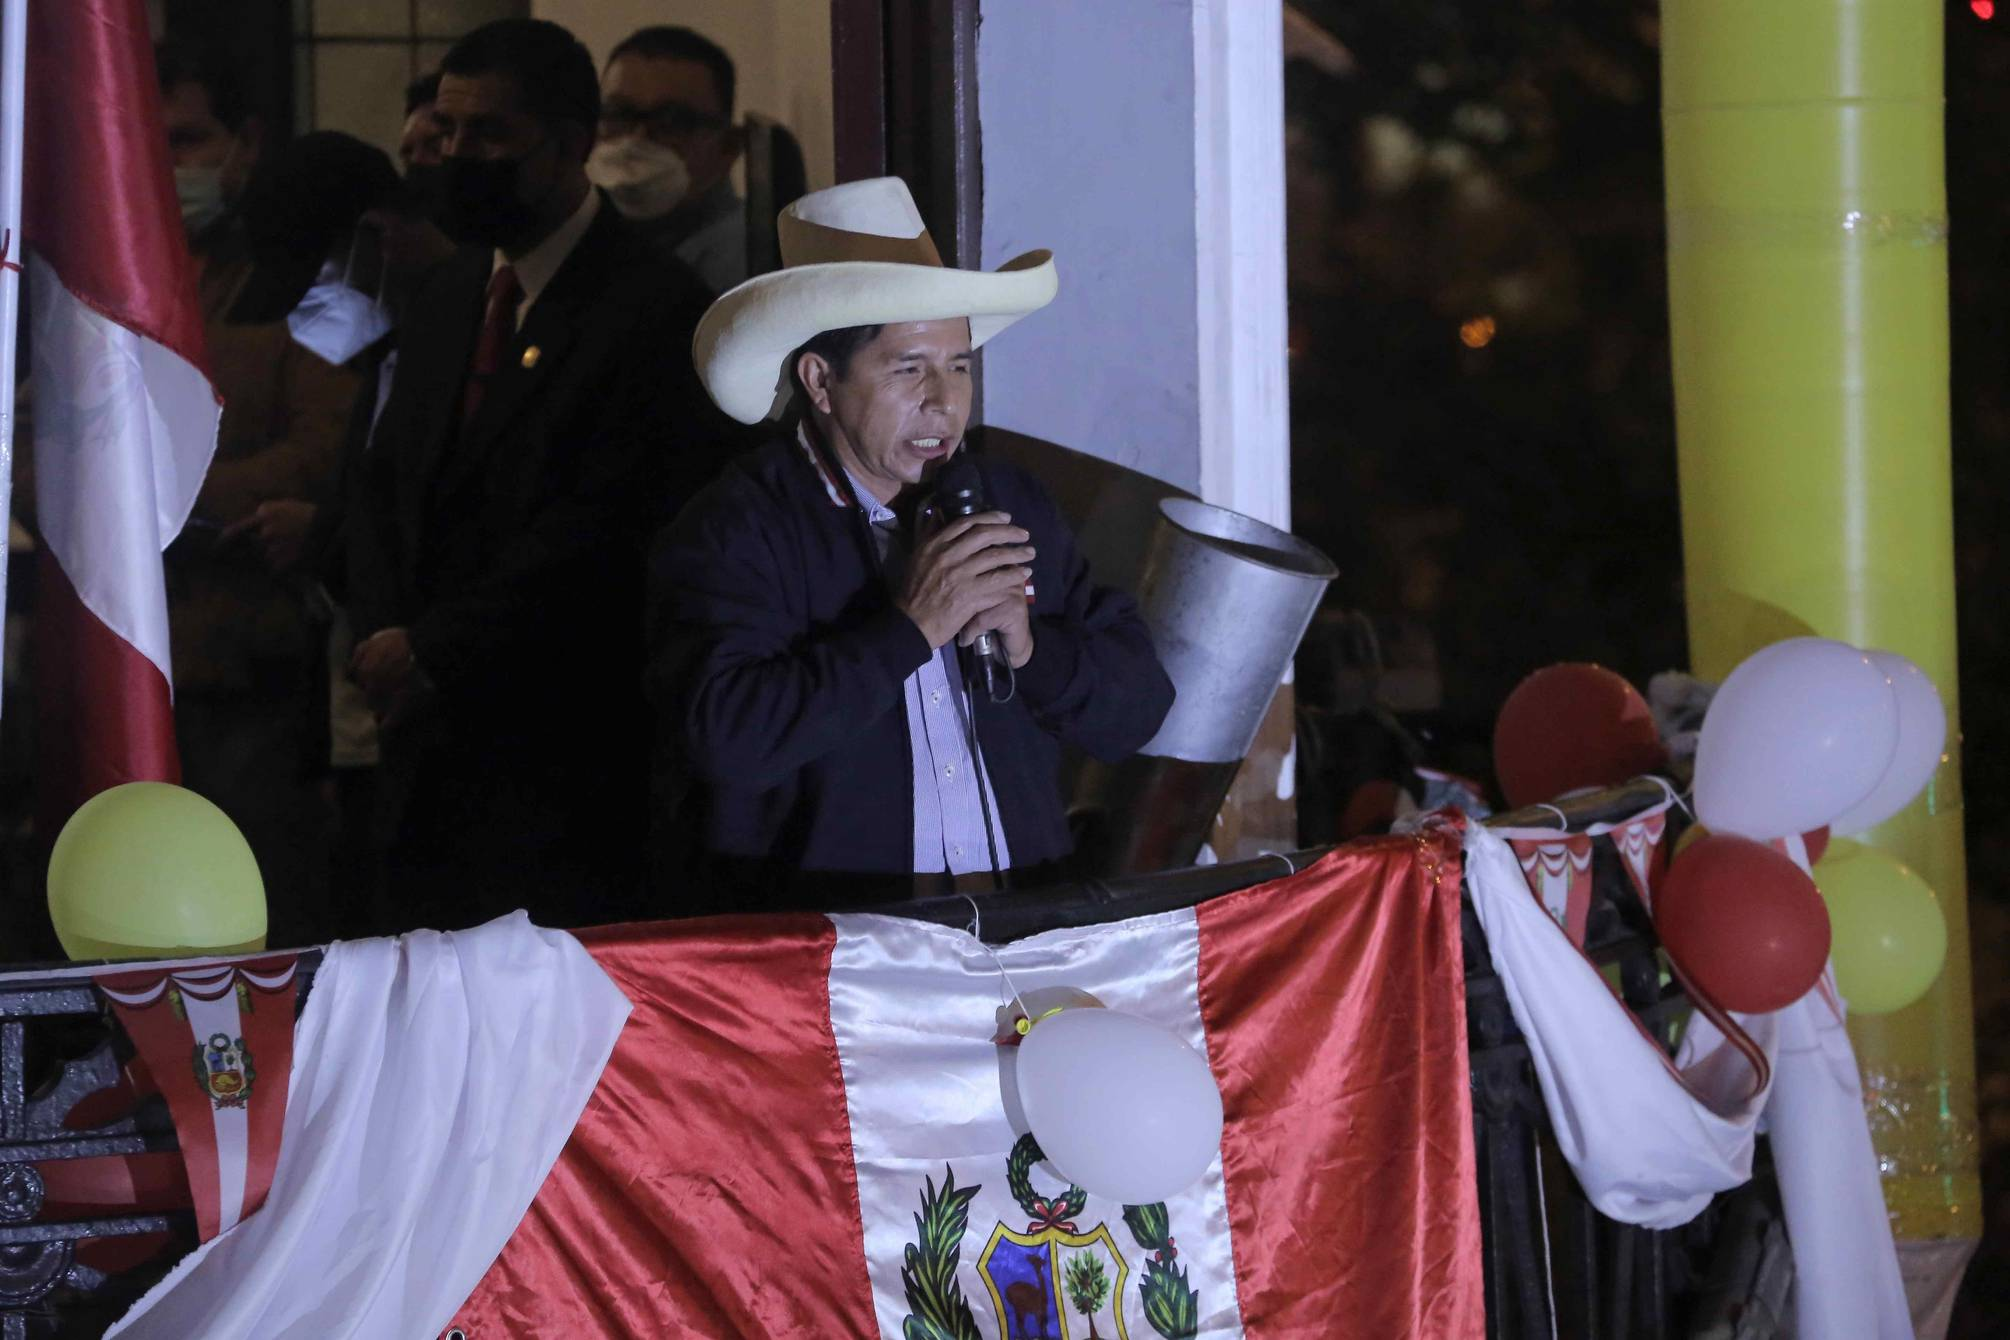 Elecciones en Perú: Le va a corresponder asumir la presidencia a Pedro Castillo, dice analista